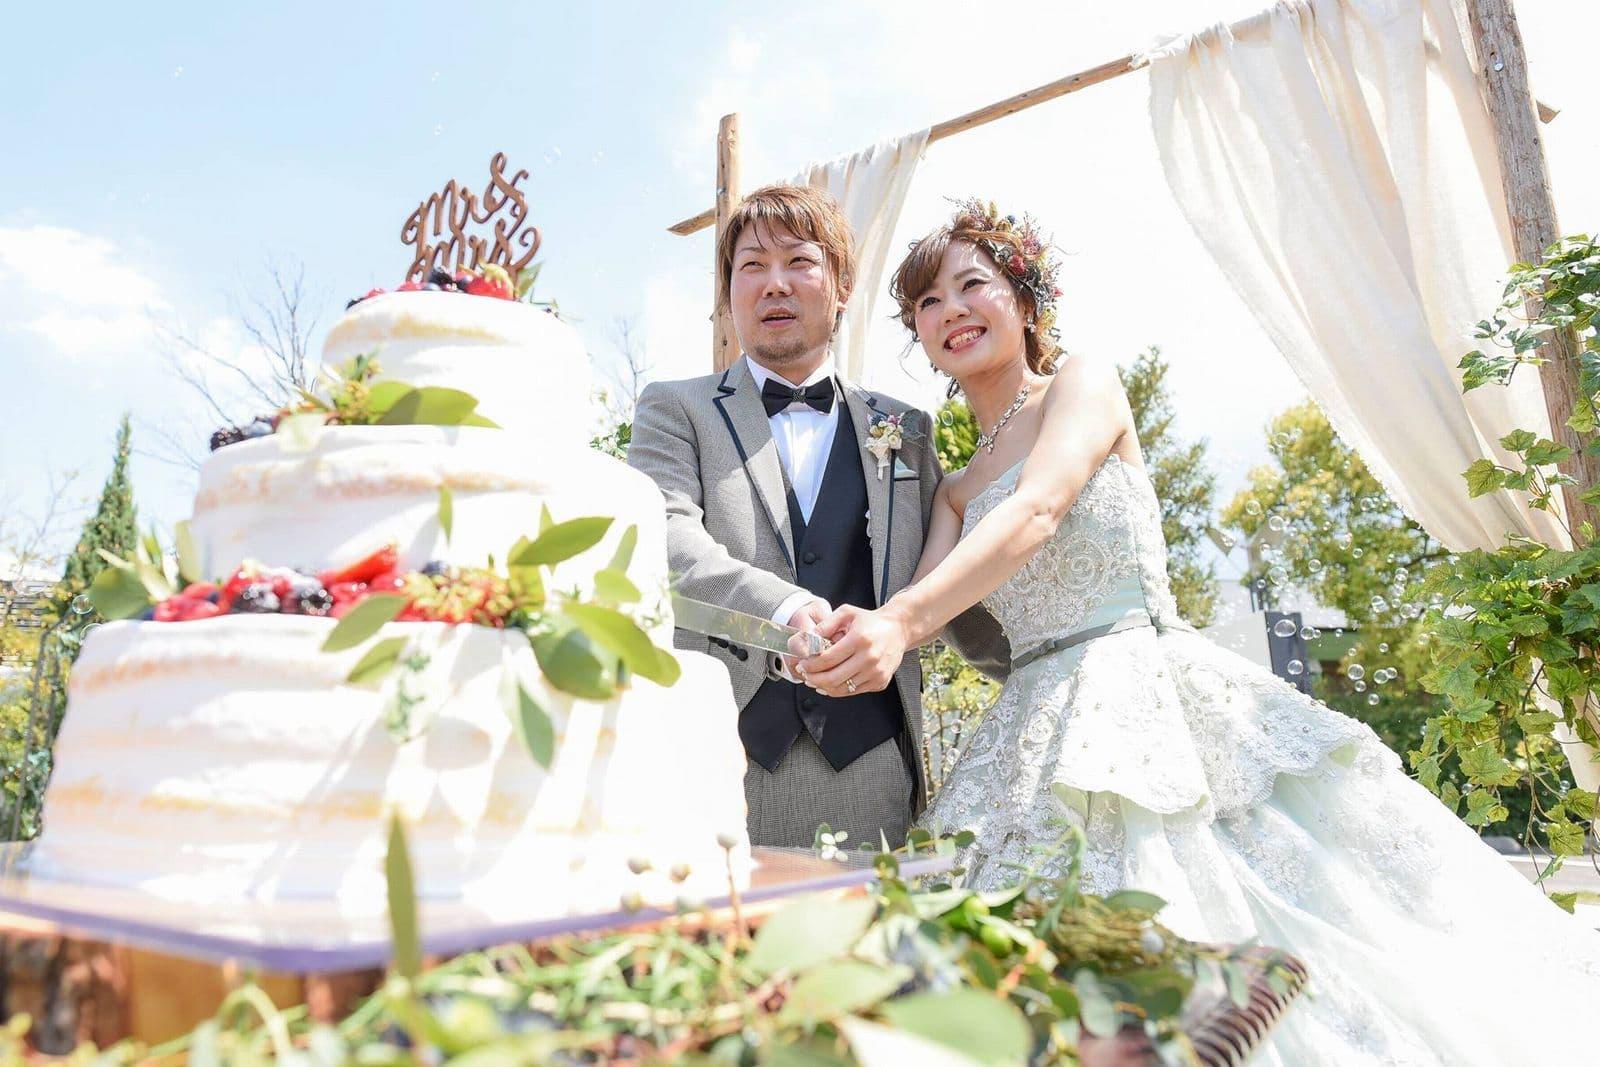 香川の結婚式場シェルエメール&アイスタイル ケーキ入刀